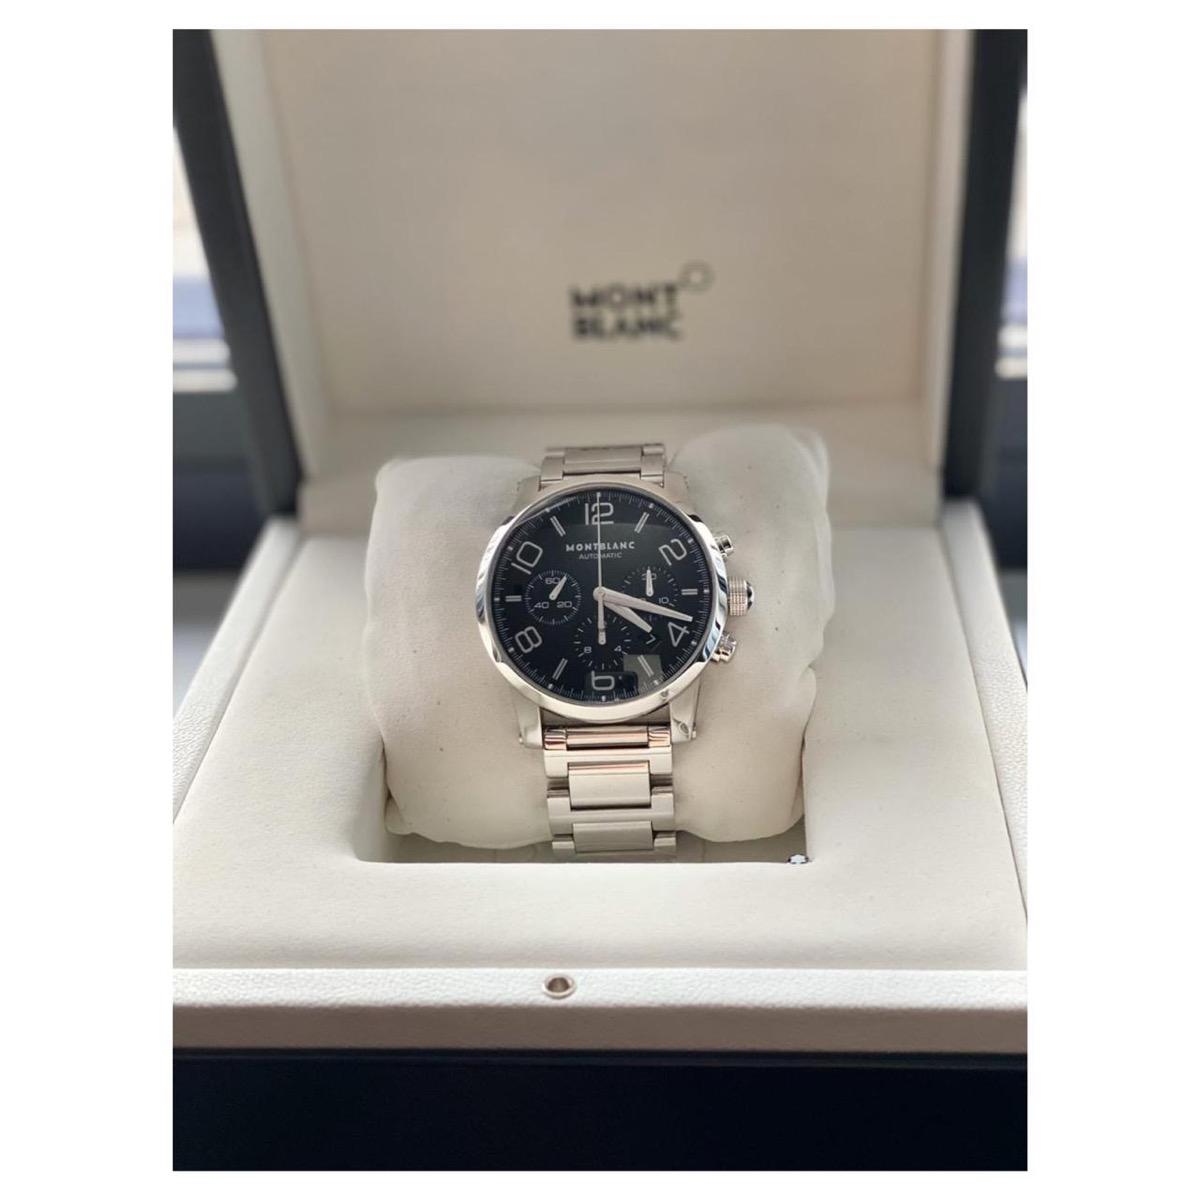 Фирмы montblanc где продать часы кандидата стоимость наук часа академического